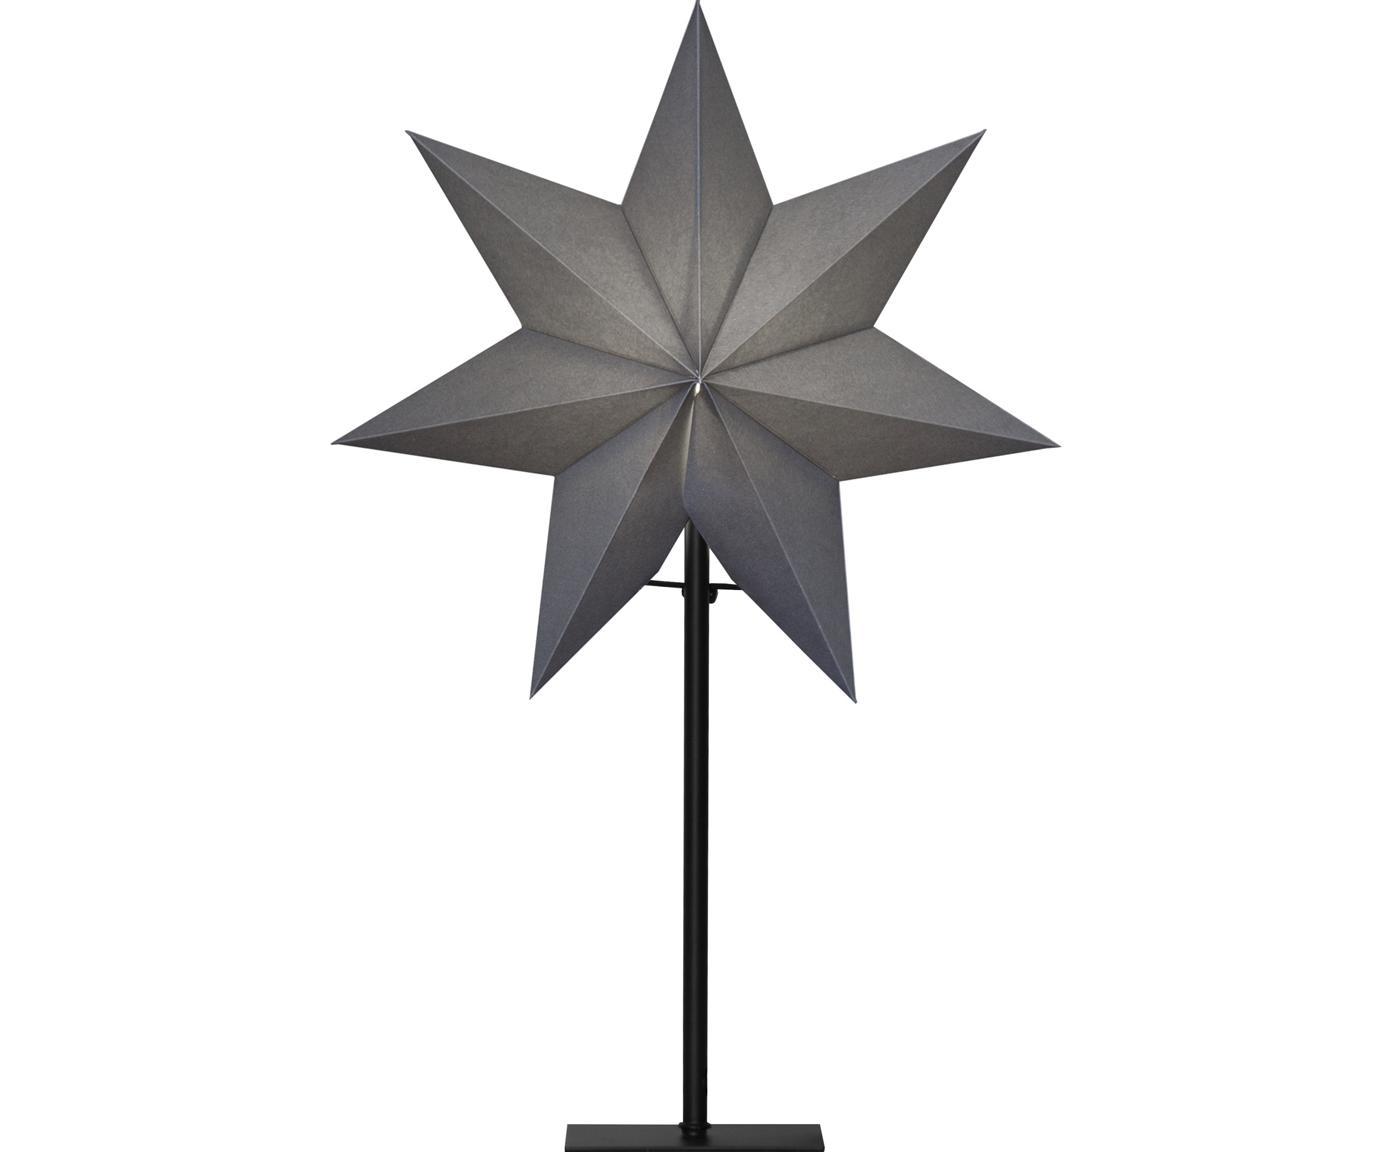 Leuchtobjekt Frozen, mit Stecker, Lampenschirm: Papier, Lampenfuß: Metall, beschichtet, Grau, Schwarz, 34 x 55 cm